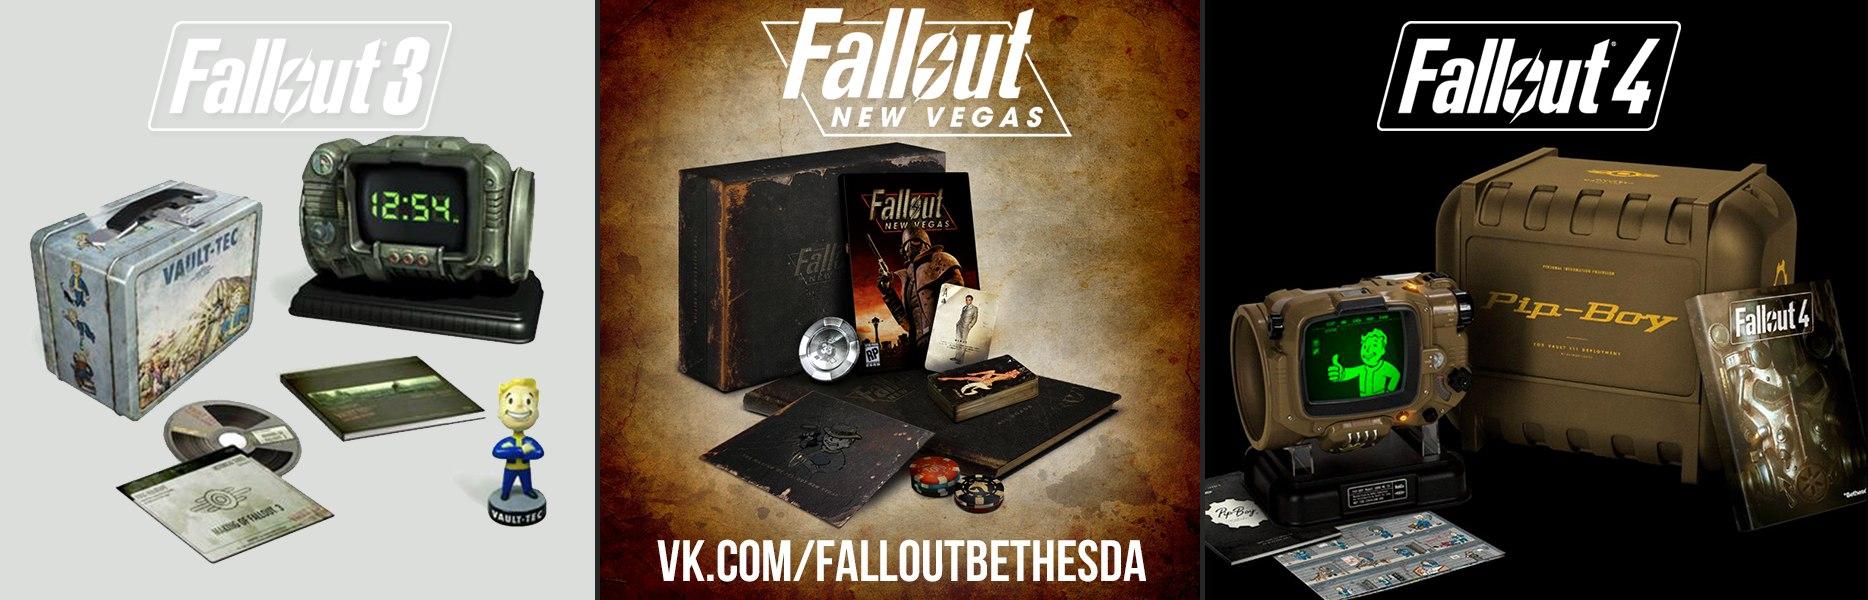 Коллекционные издания Fallout3 FalloutNV Fallout4